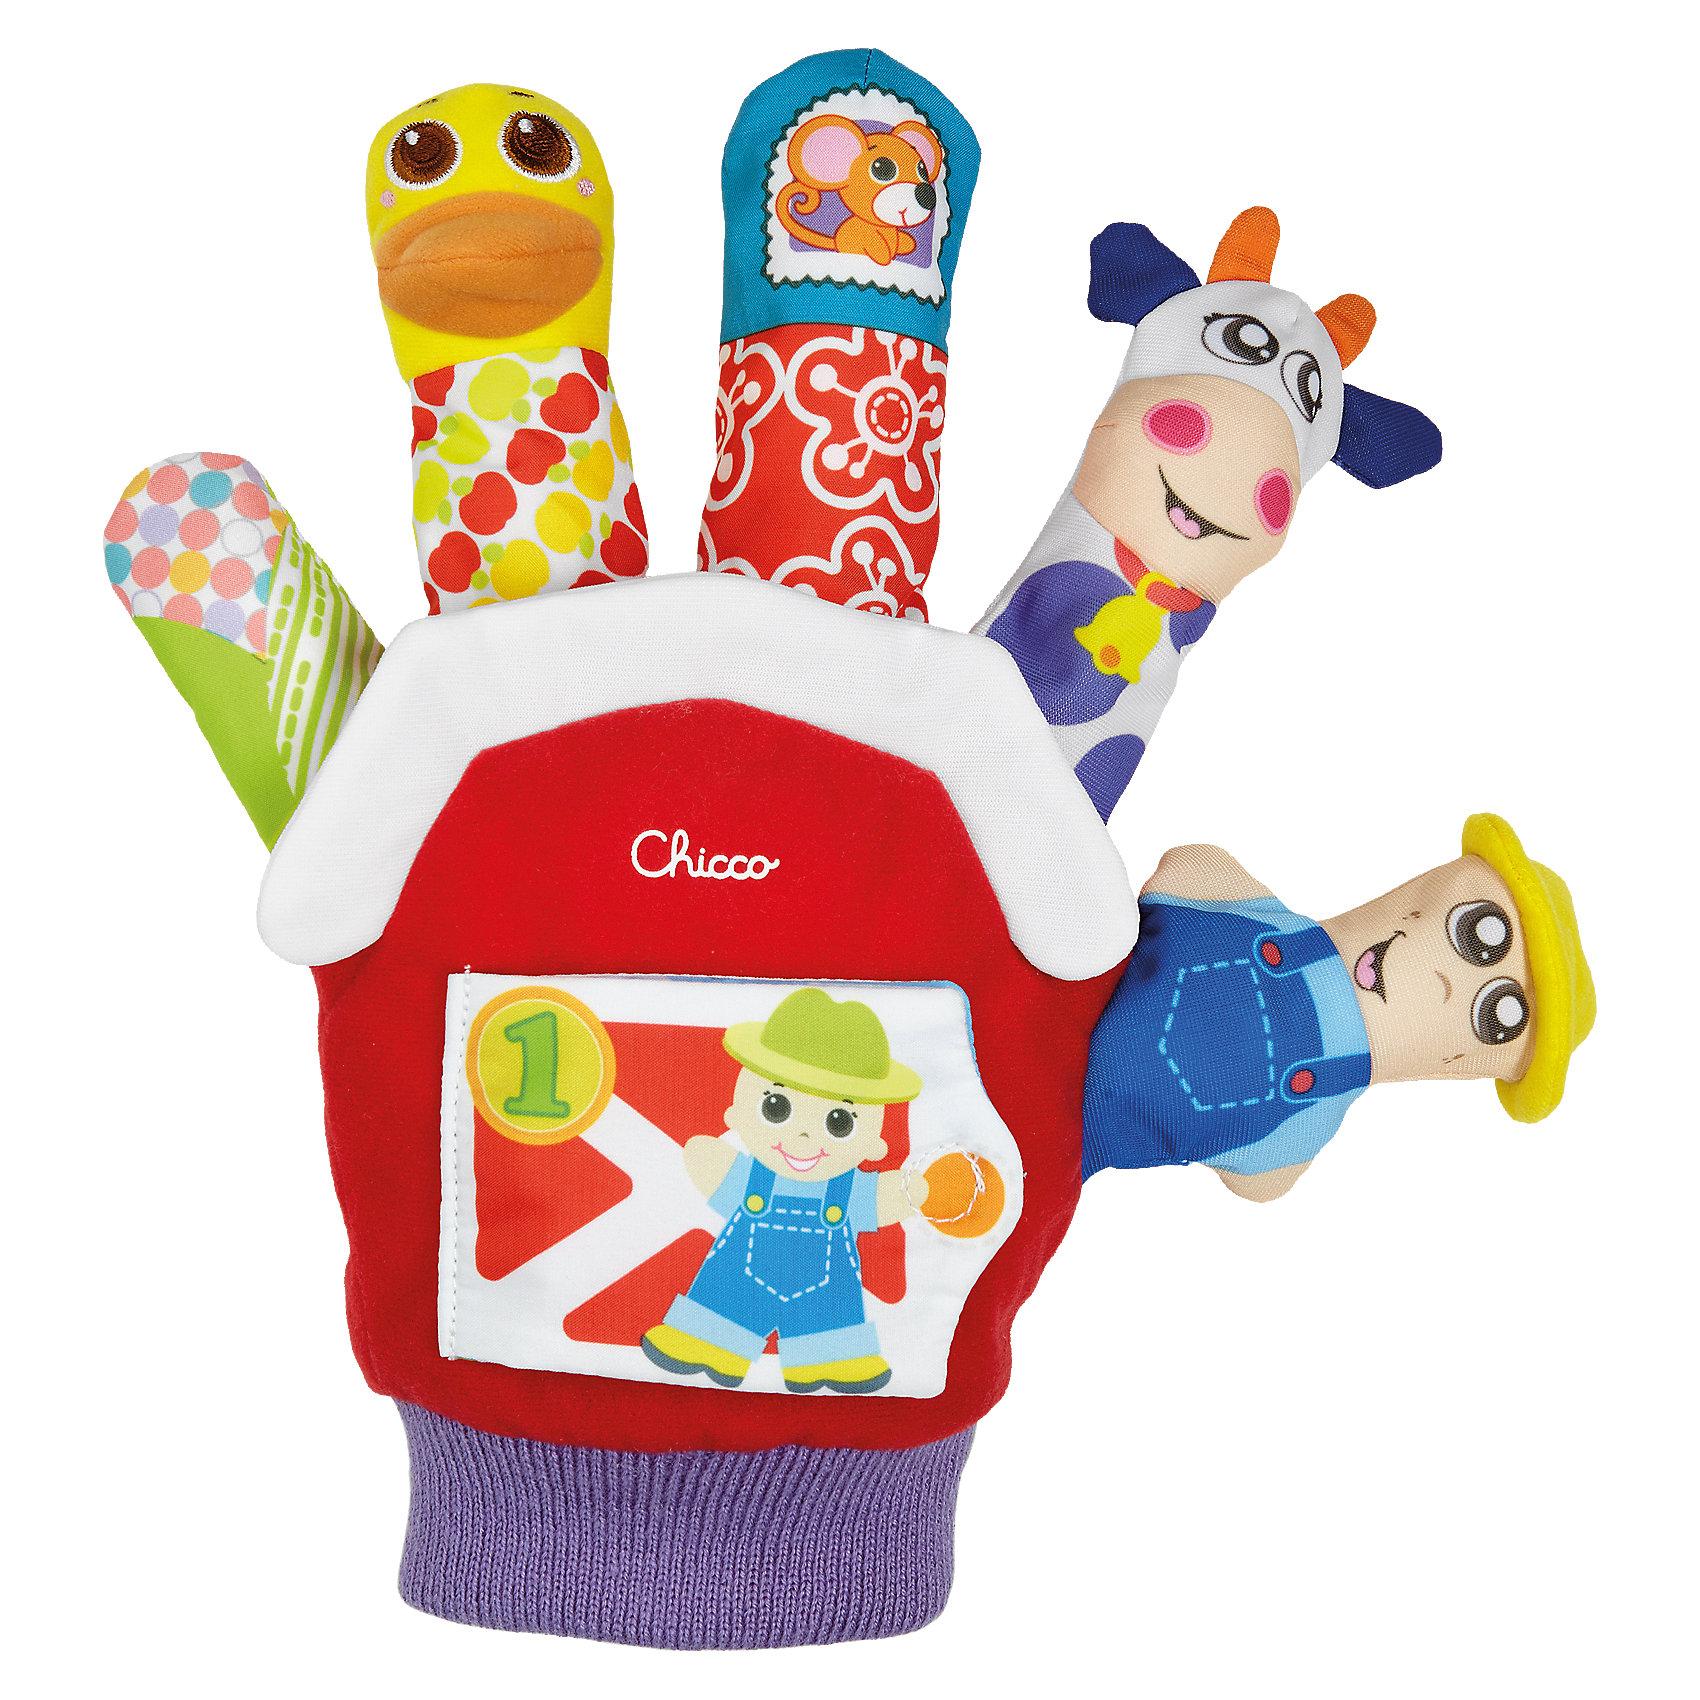 Перчатка-марионетка Ферма, CHICCOРазвивающие игрушки<br>Перчатка-марионетка Ферма, CHICCO (ЧИКО) – эта забавная игрушка привлечет внимание вашего малыша.<br>Проведите чудесные мгновения с Вашим малышом с помощью этой перчатки для игр. Она поможет удержать его внимание, стимулировать восприятие и воображение. Малыш с интересом будет следить за движением пальчиковых кукол: фермера, утки, мышки, коровы. На мизинце перчатки изображено пшеничное поле. Перчатка-марионетка позволит вам придумывать увлекательные истории. Также имеется книга из трех страниц, закреплённая на перчатке, которая поможет научить вашего малыша считать до трех. В книге изображены фермер, 2 ягненка, 3 поросенка. Перчатка имеет большой размер и эластичный манжет, ее легко надевать.<br><br>Дополнительная информация:<br><br>- Материал: текстиль<br>- Размер упаковки: 260х245х50 мм.<br>- Вес: 140 гр.<br><br>Перчатку-марионетку Ферма, CHICCO (ЧИКО) можно купить в нашем интернет-магазине.<br><br>Ширина мм: 270<br>Глубина мм: 231<br>Высота мм: 71<br>Вес г: 167<br>Возраст от месяцев: 3<br>Возраст до месяцев: 24<br>Пол: Унисекс<br>Возраст: Детский<br>SKU: 4577230